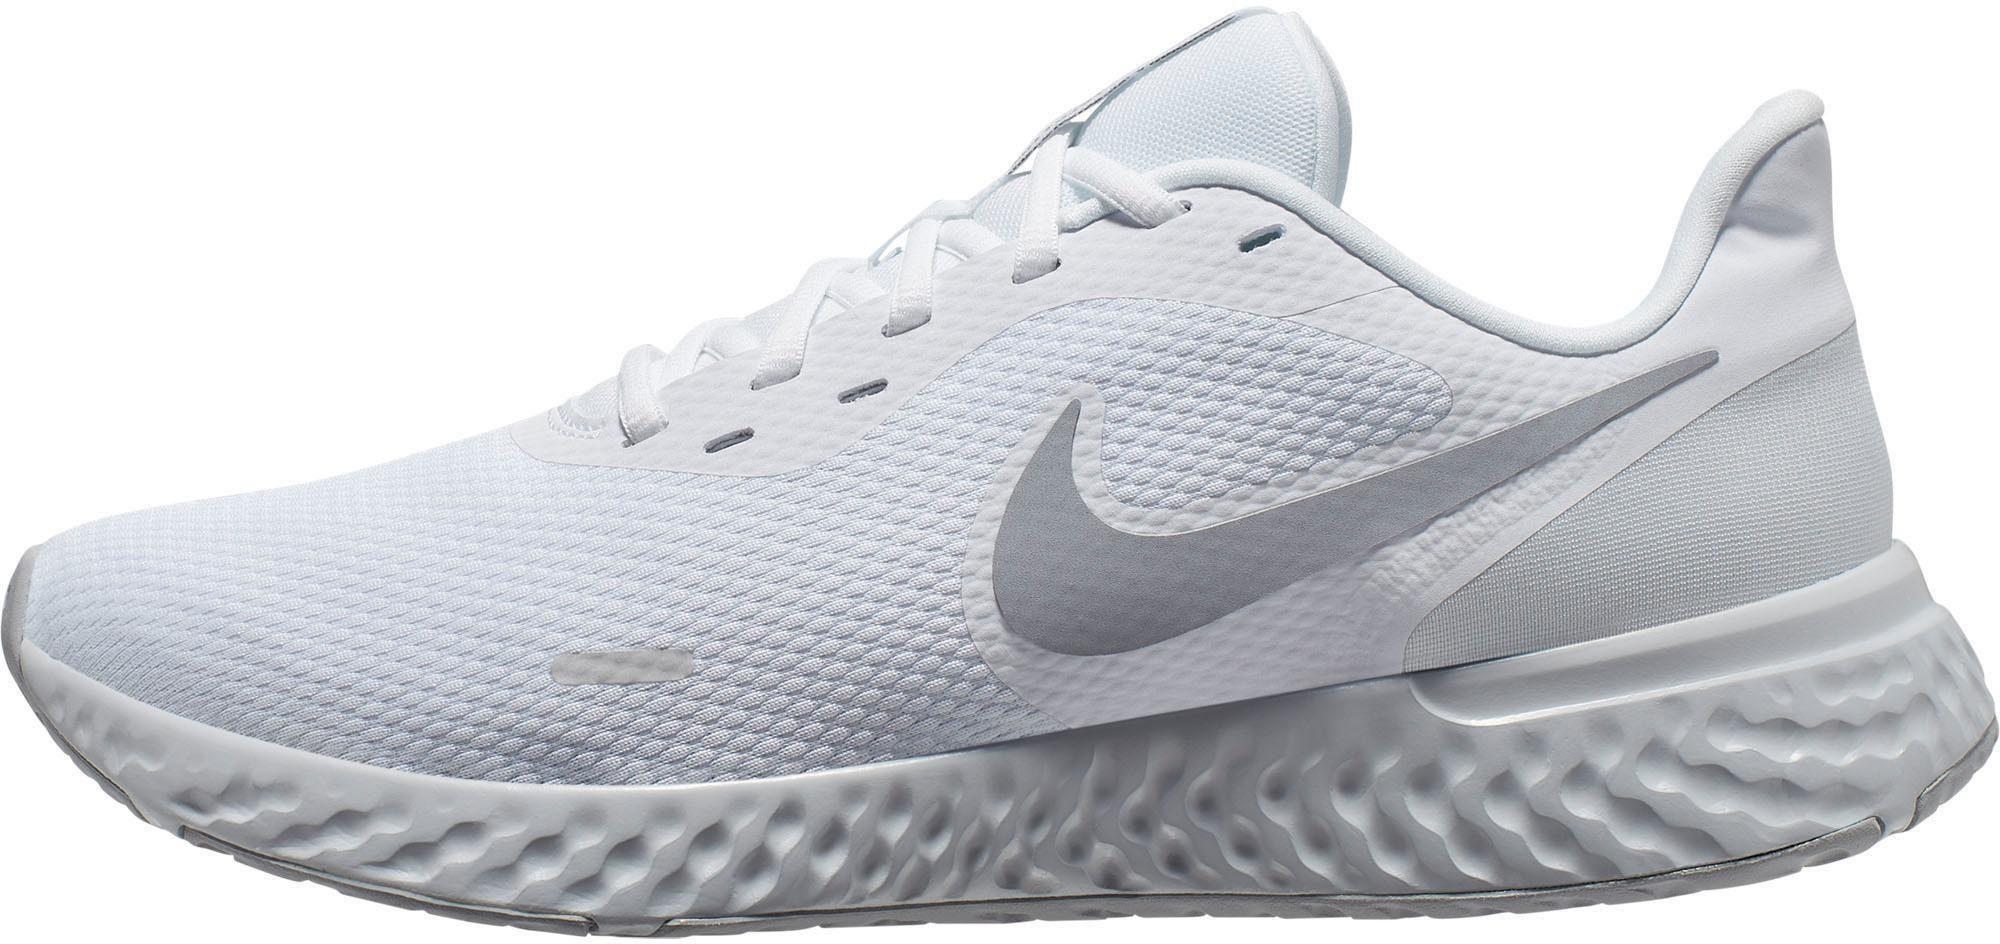 Nike »Revolution 5« Laufschuh, Leichter Laufschuh von Nike im minimalistischem Design online kaufen | OTTO